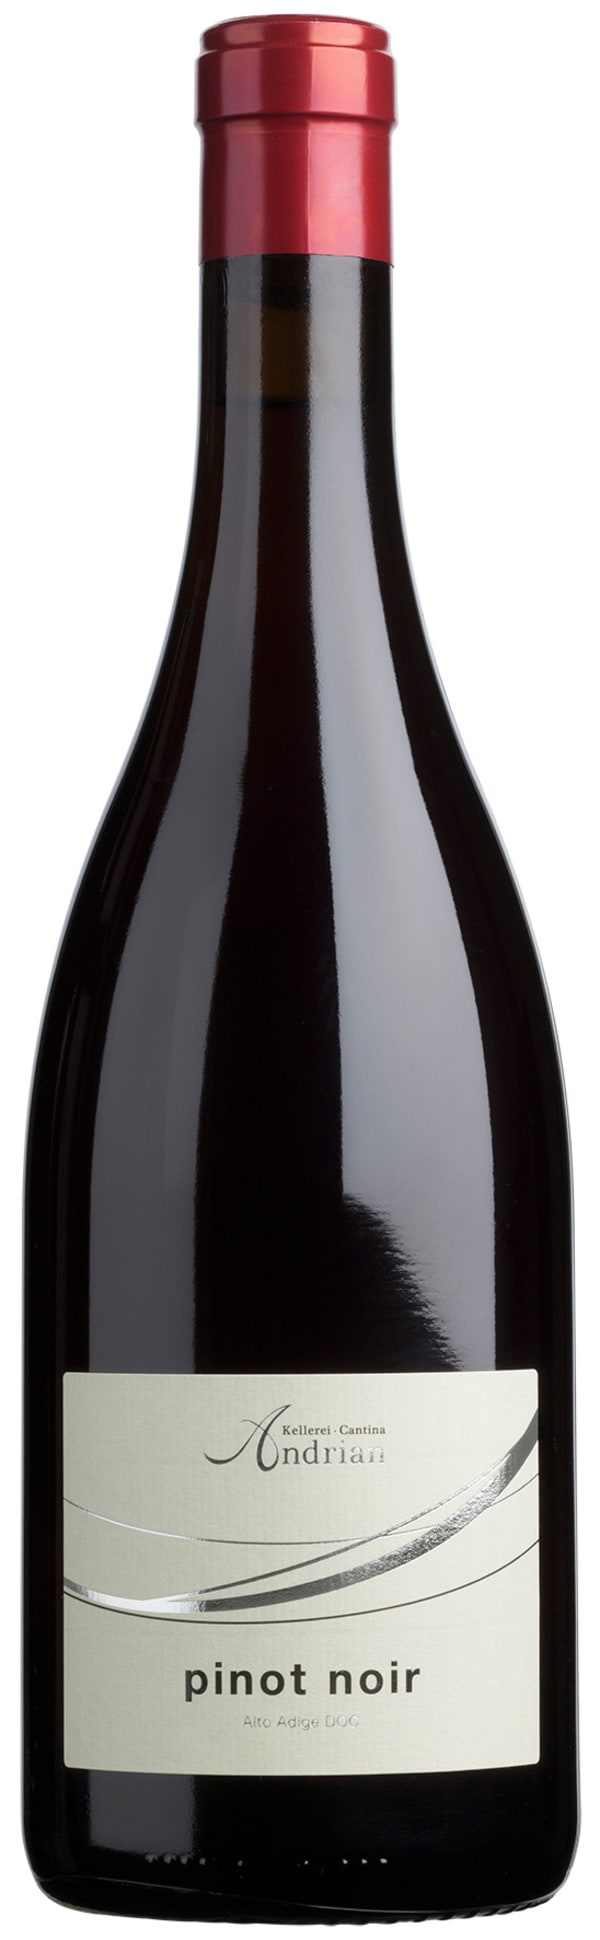 Cantina Andrian Pinot Noir 2018